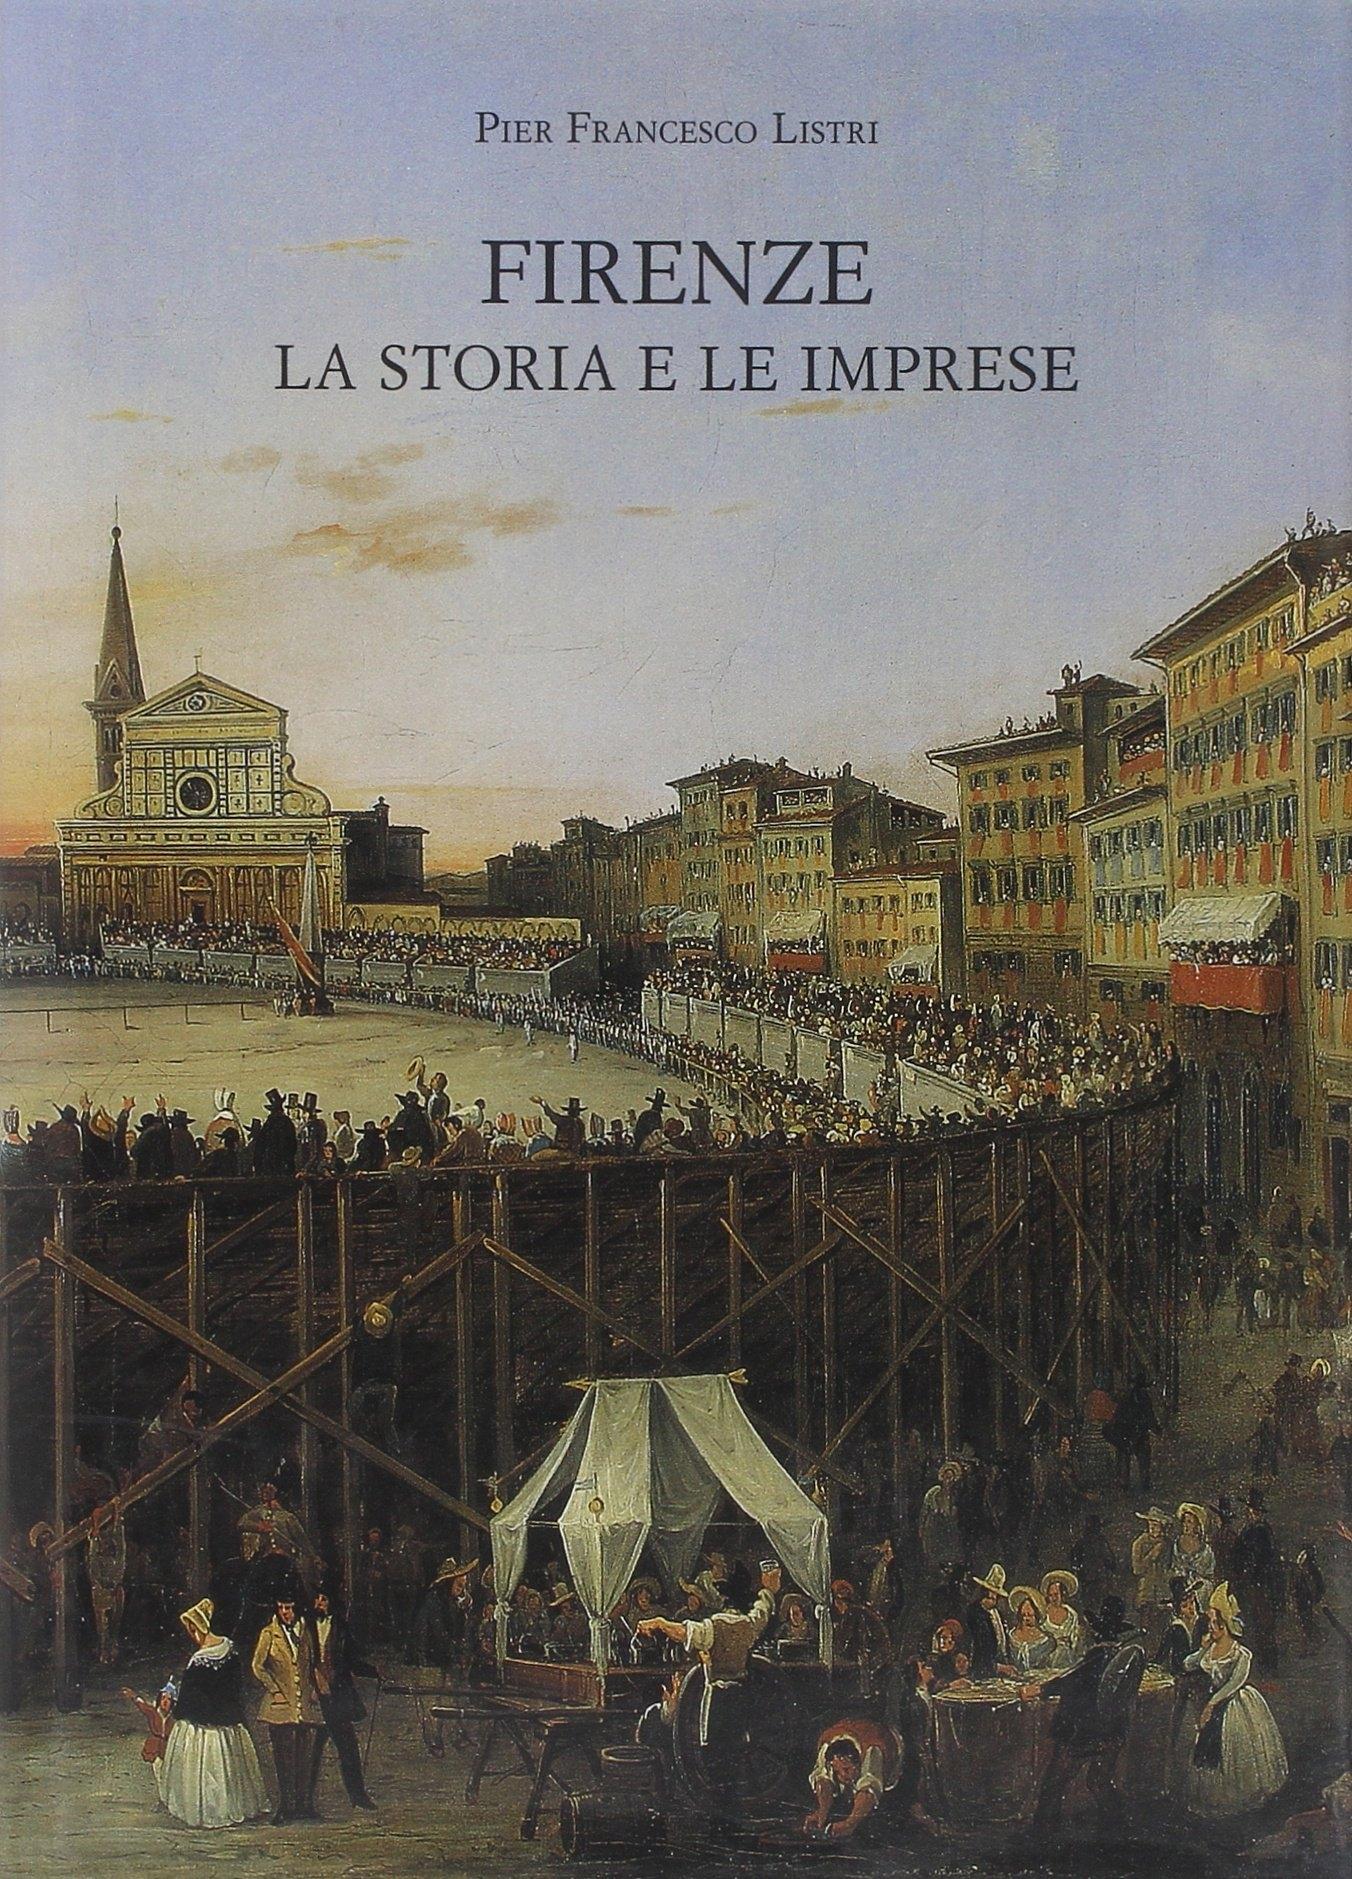 Firenze, la Storia e le Imprese.